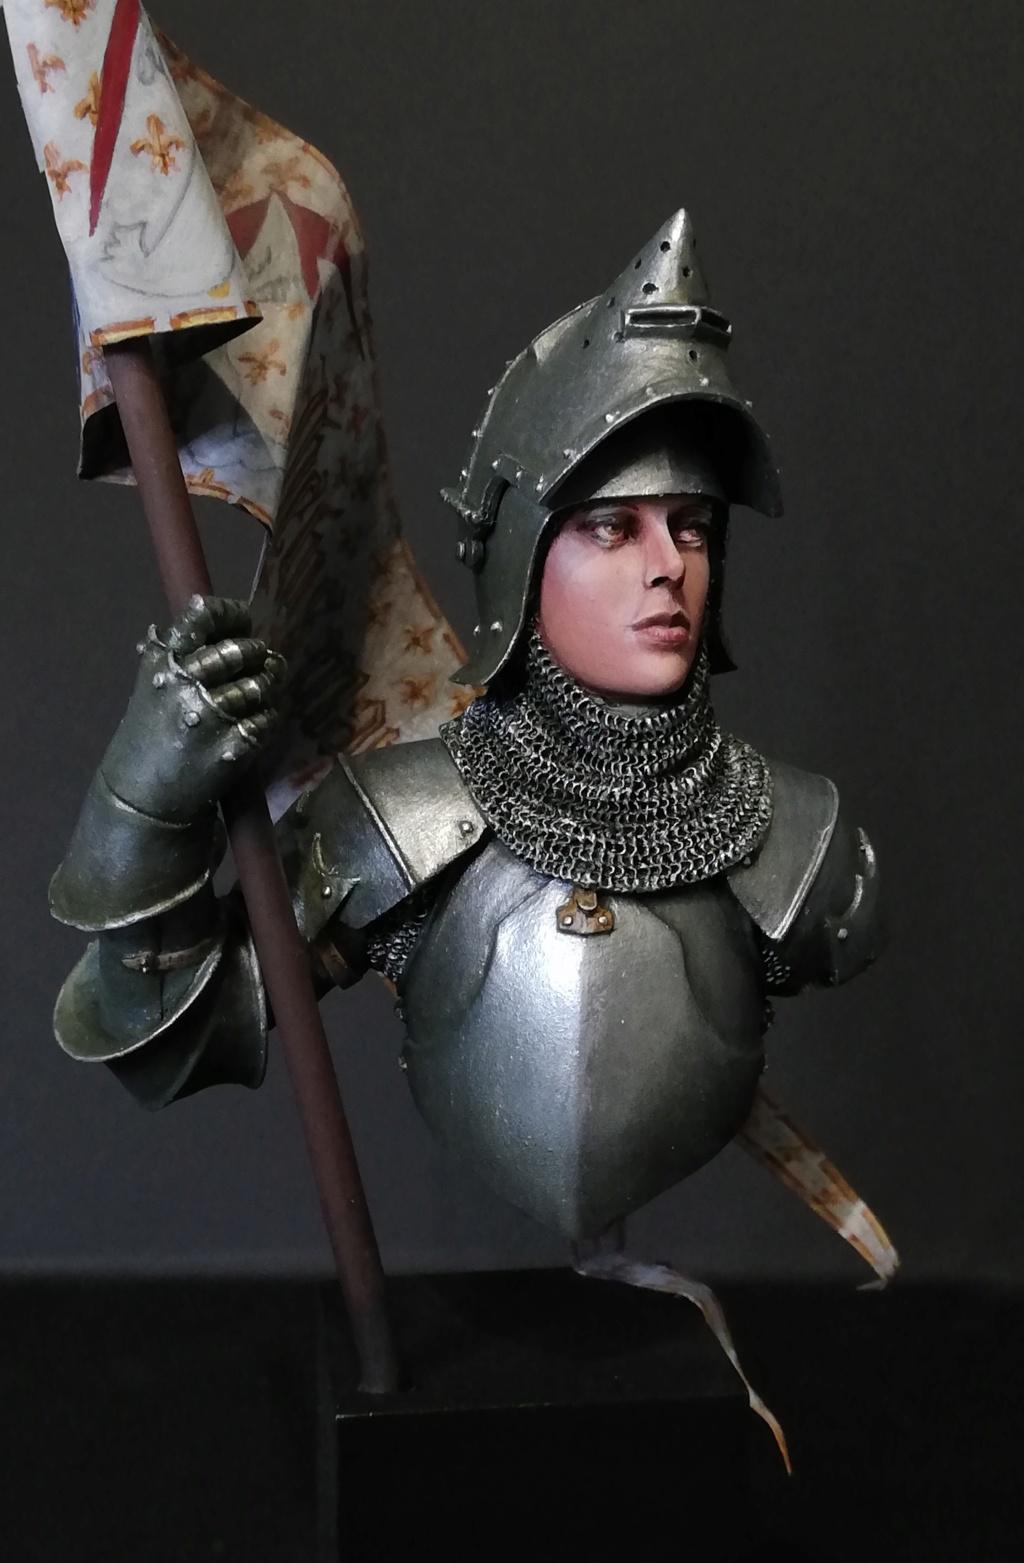 Jeanne d'Arc - retouches et nouvelles photos - Page 2 Jeanne41